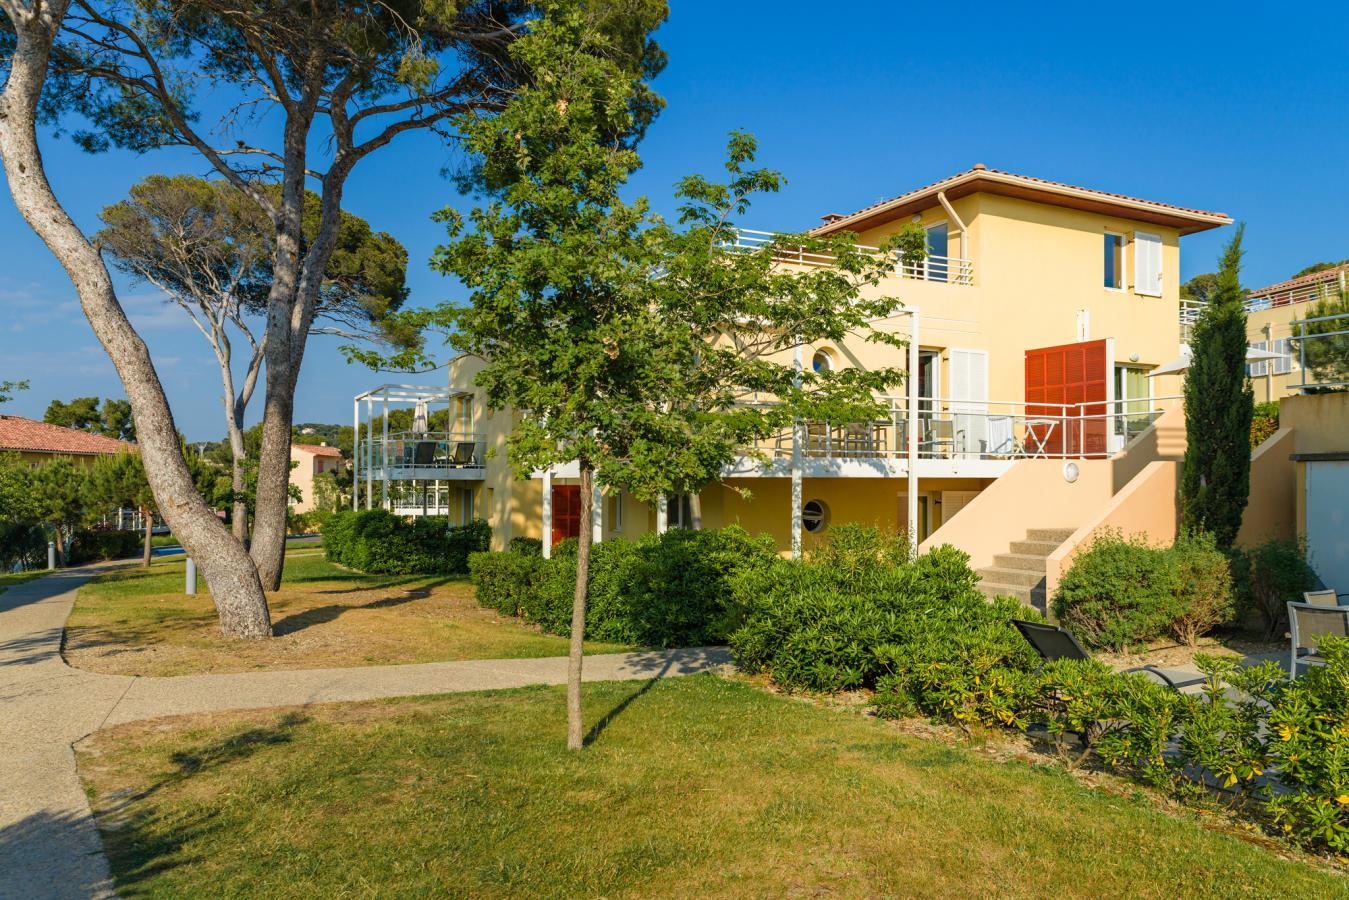 les terrasses des embiez location bord mer six fours les plages. Black Bedroom Furniture Sets. Home Design Ideas